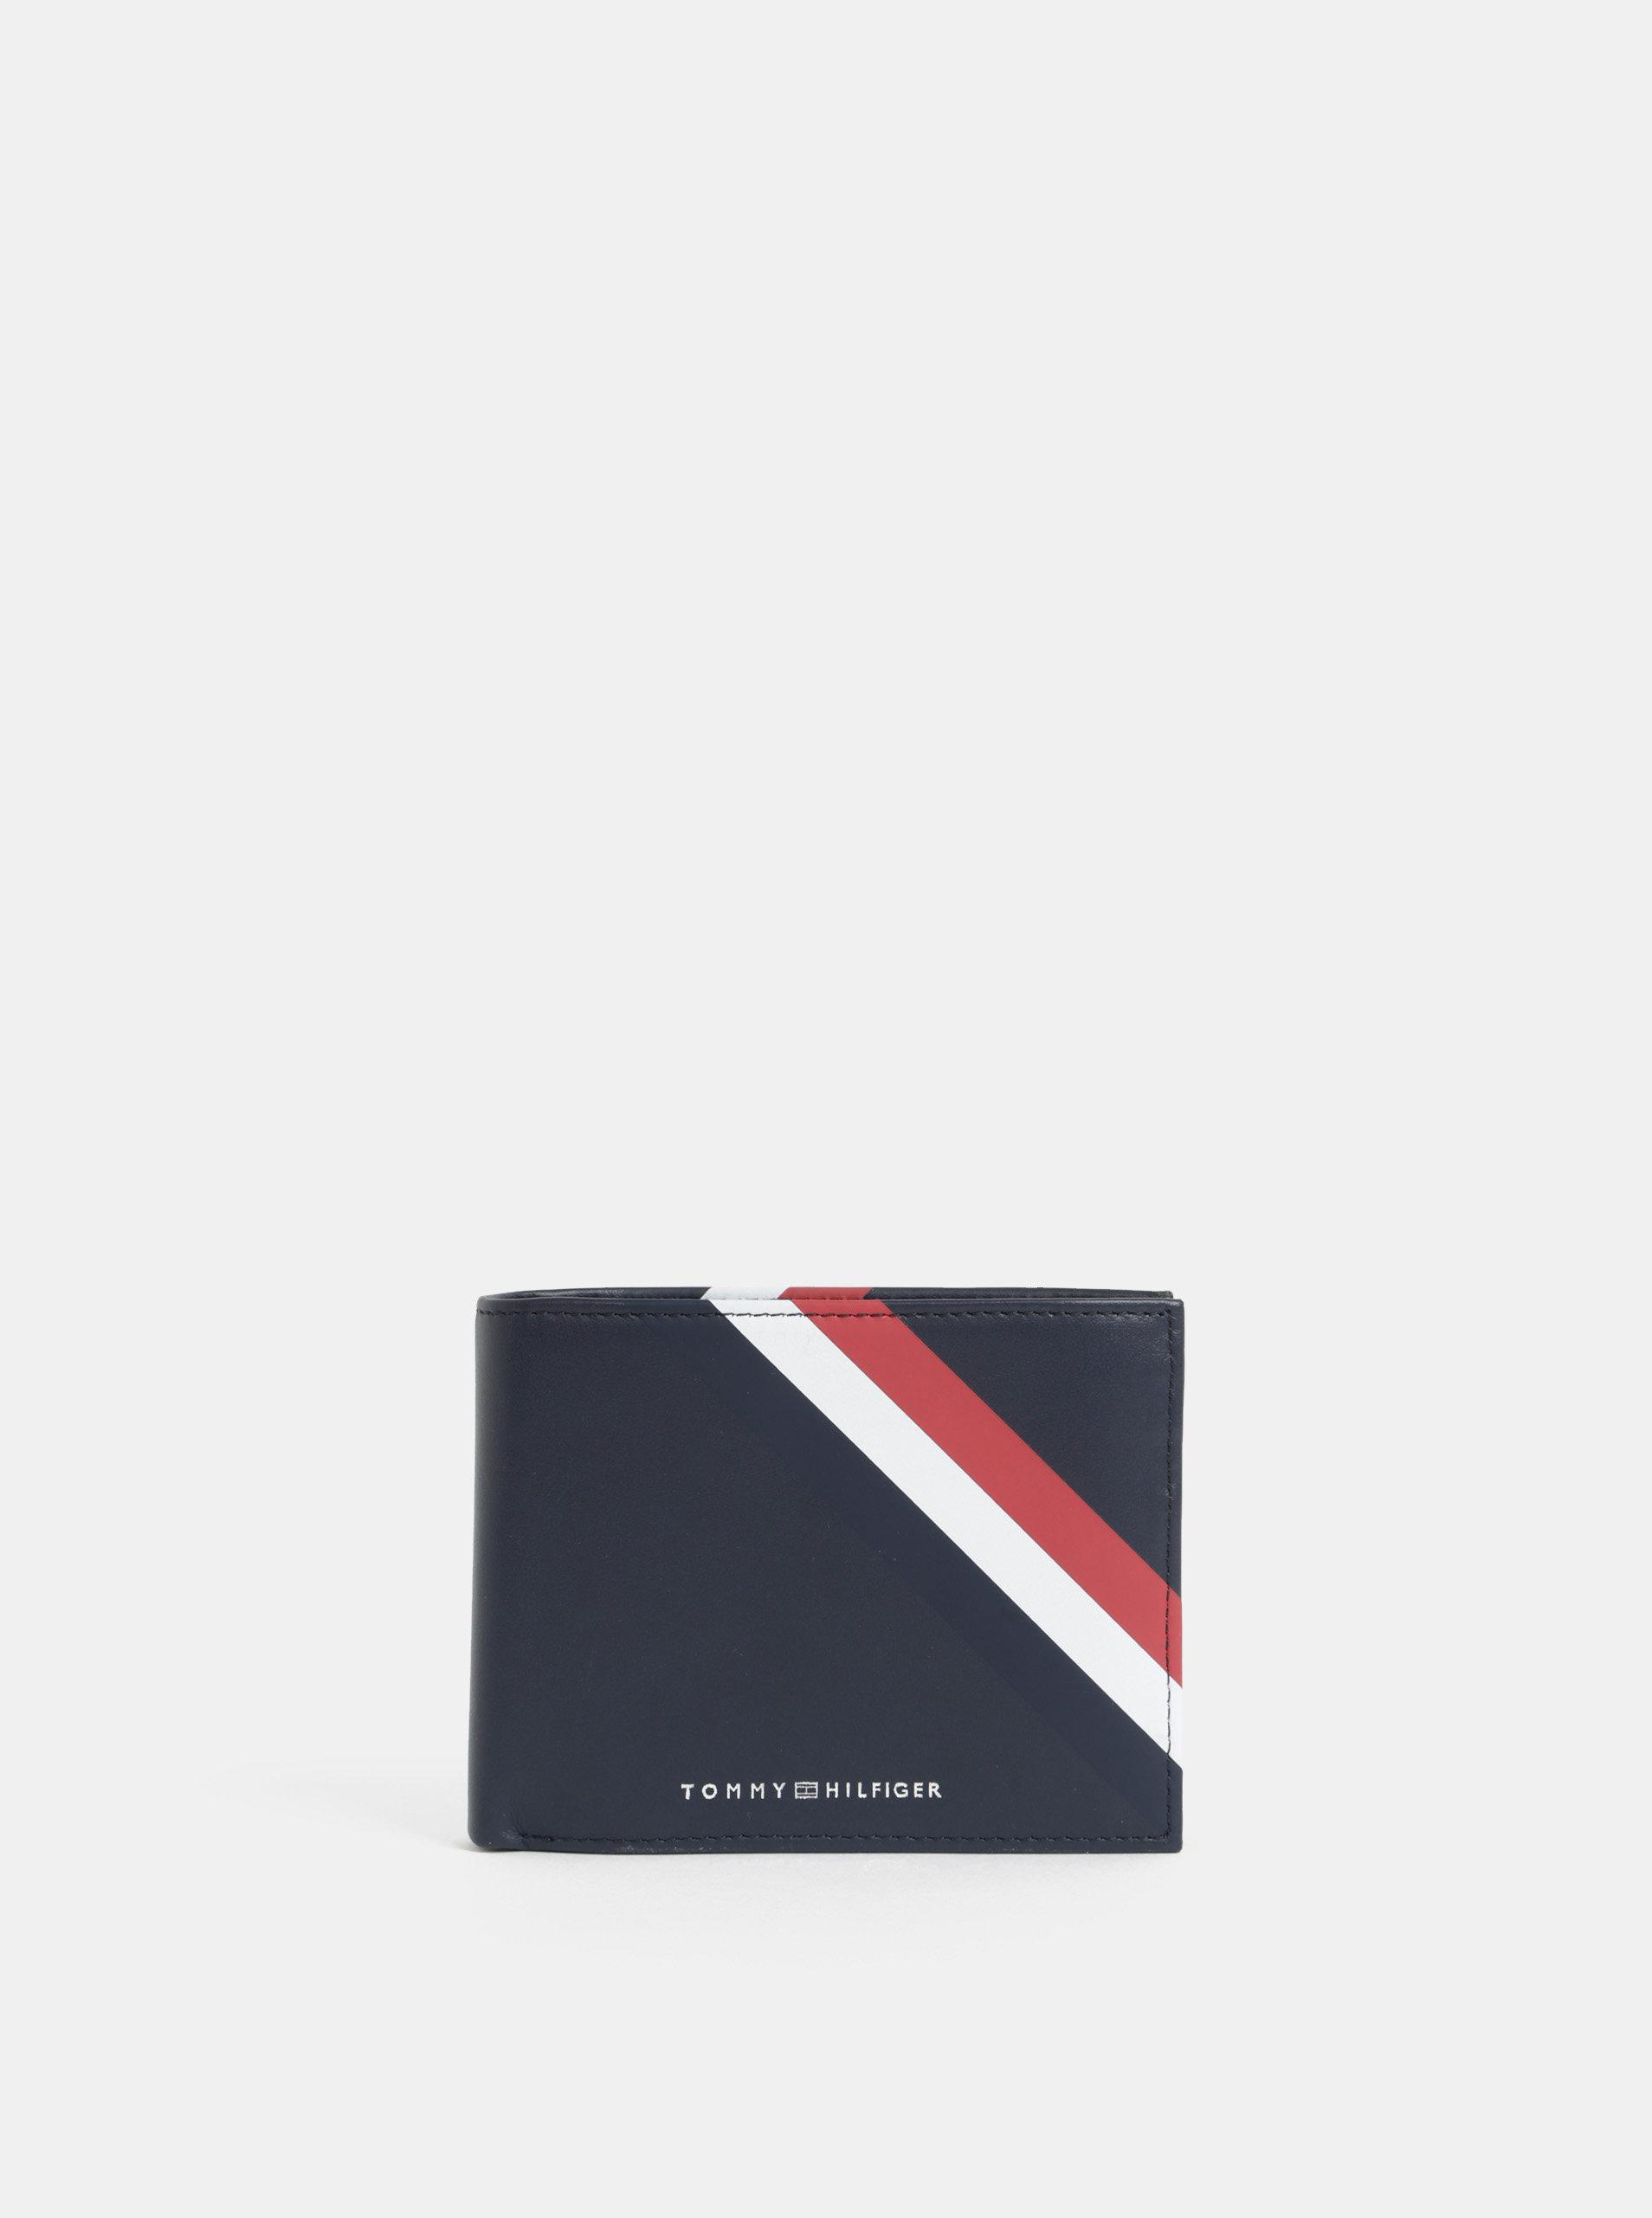 b4e58105be Tmavomodrá pánska kožená peňaženka Tommy Hilfiger ...